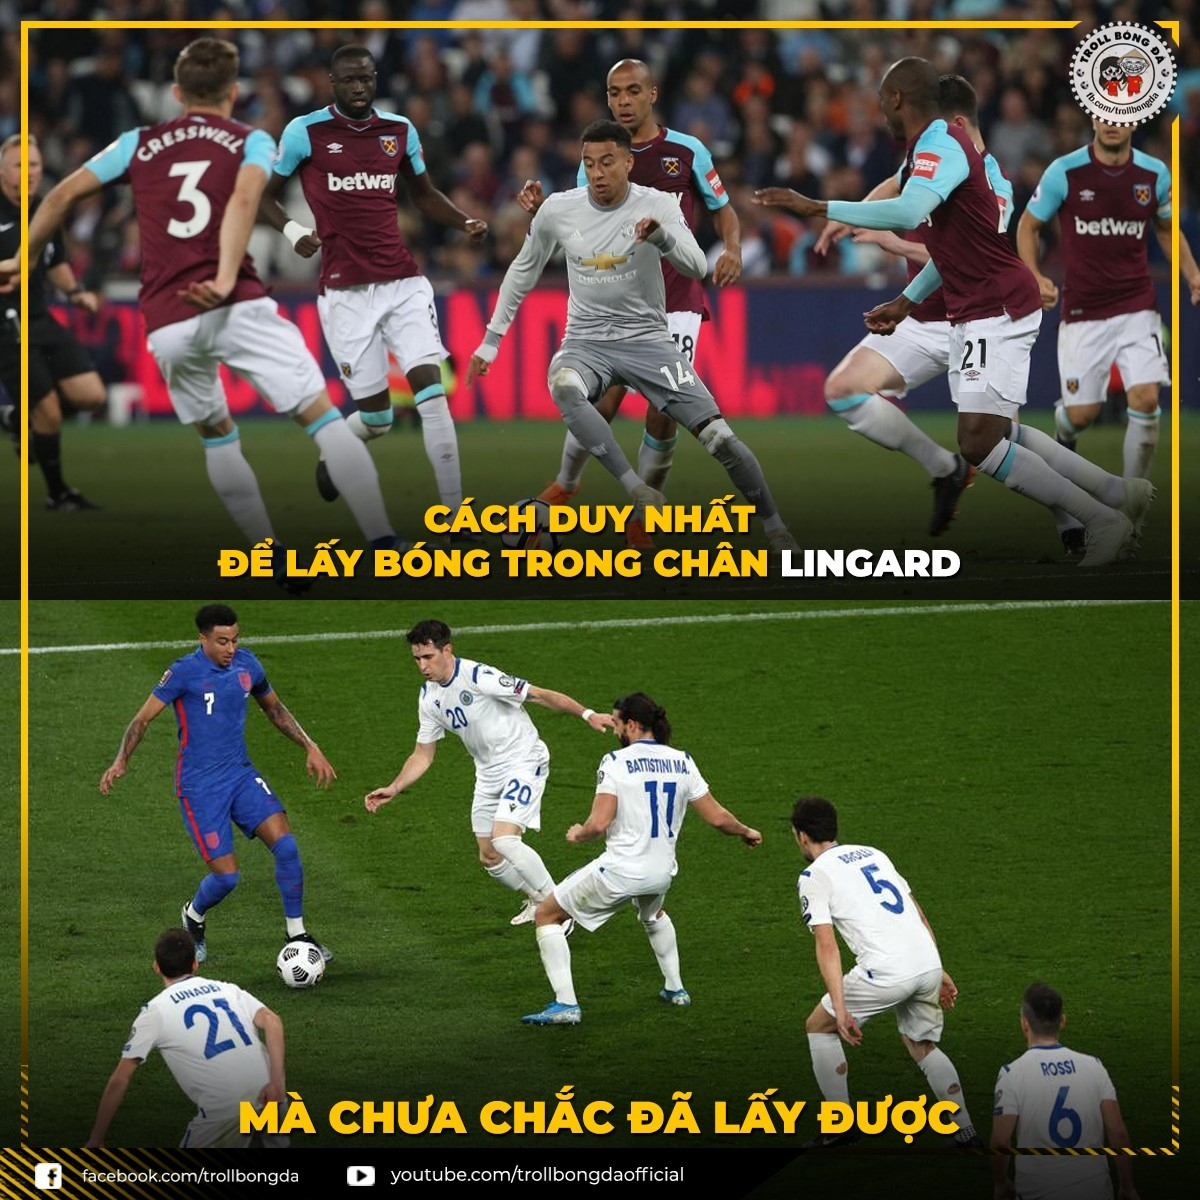 Lingard biến thành Messi trong màu áo ĐT Anh (Ảnh: Troll bóng đá).